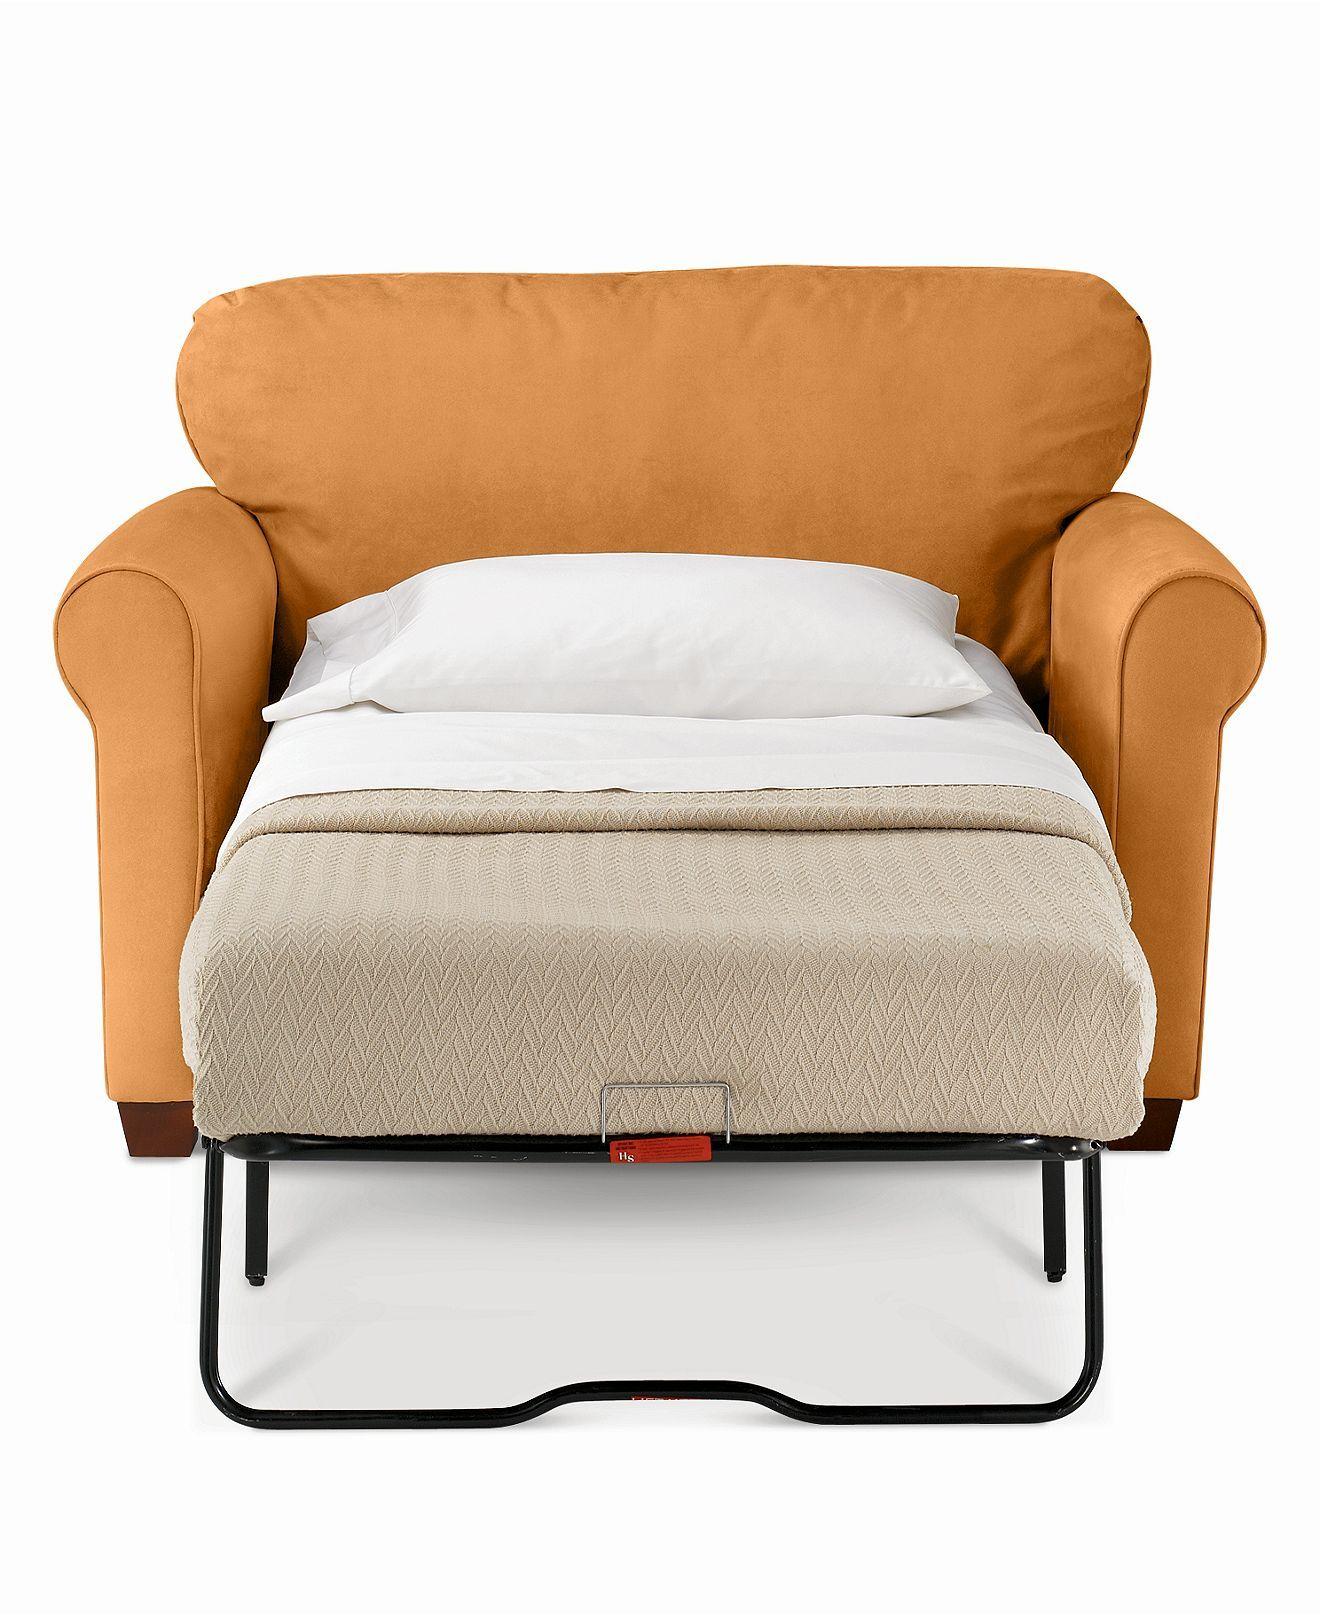 Sasha Sofa Bed Twin Sleeper Chairs Furniture Macy S Tiny